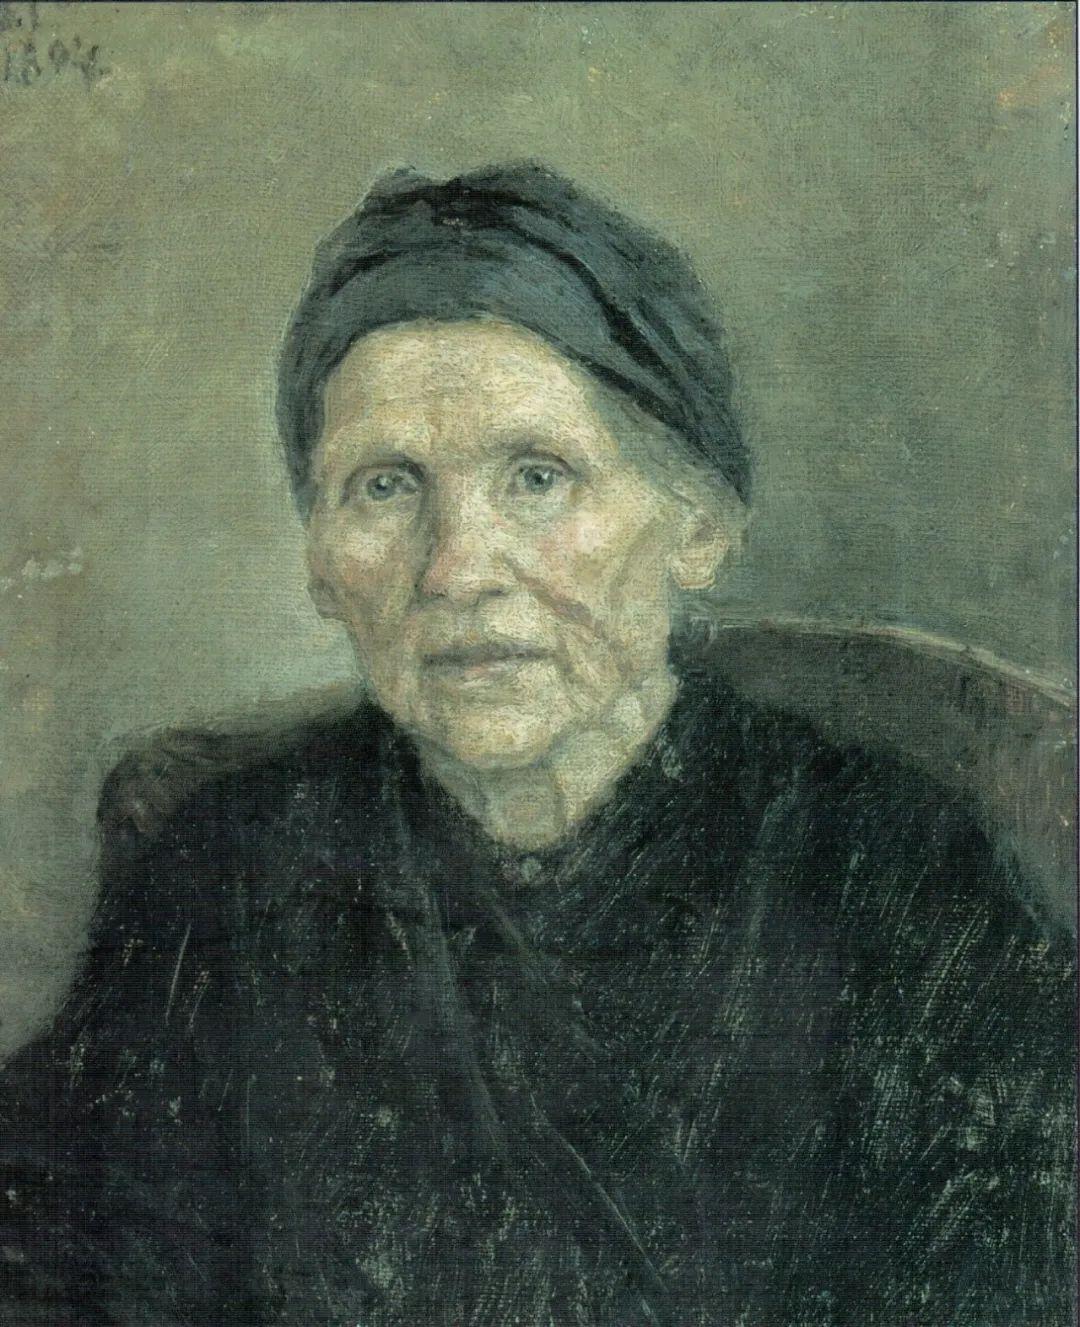 俄罗斯画坛先驱人物,瓦西里·苏里科夫人物作品选粹插图46